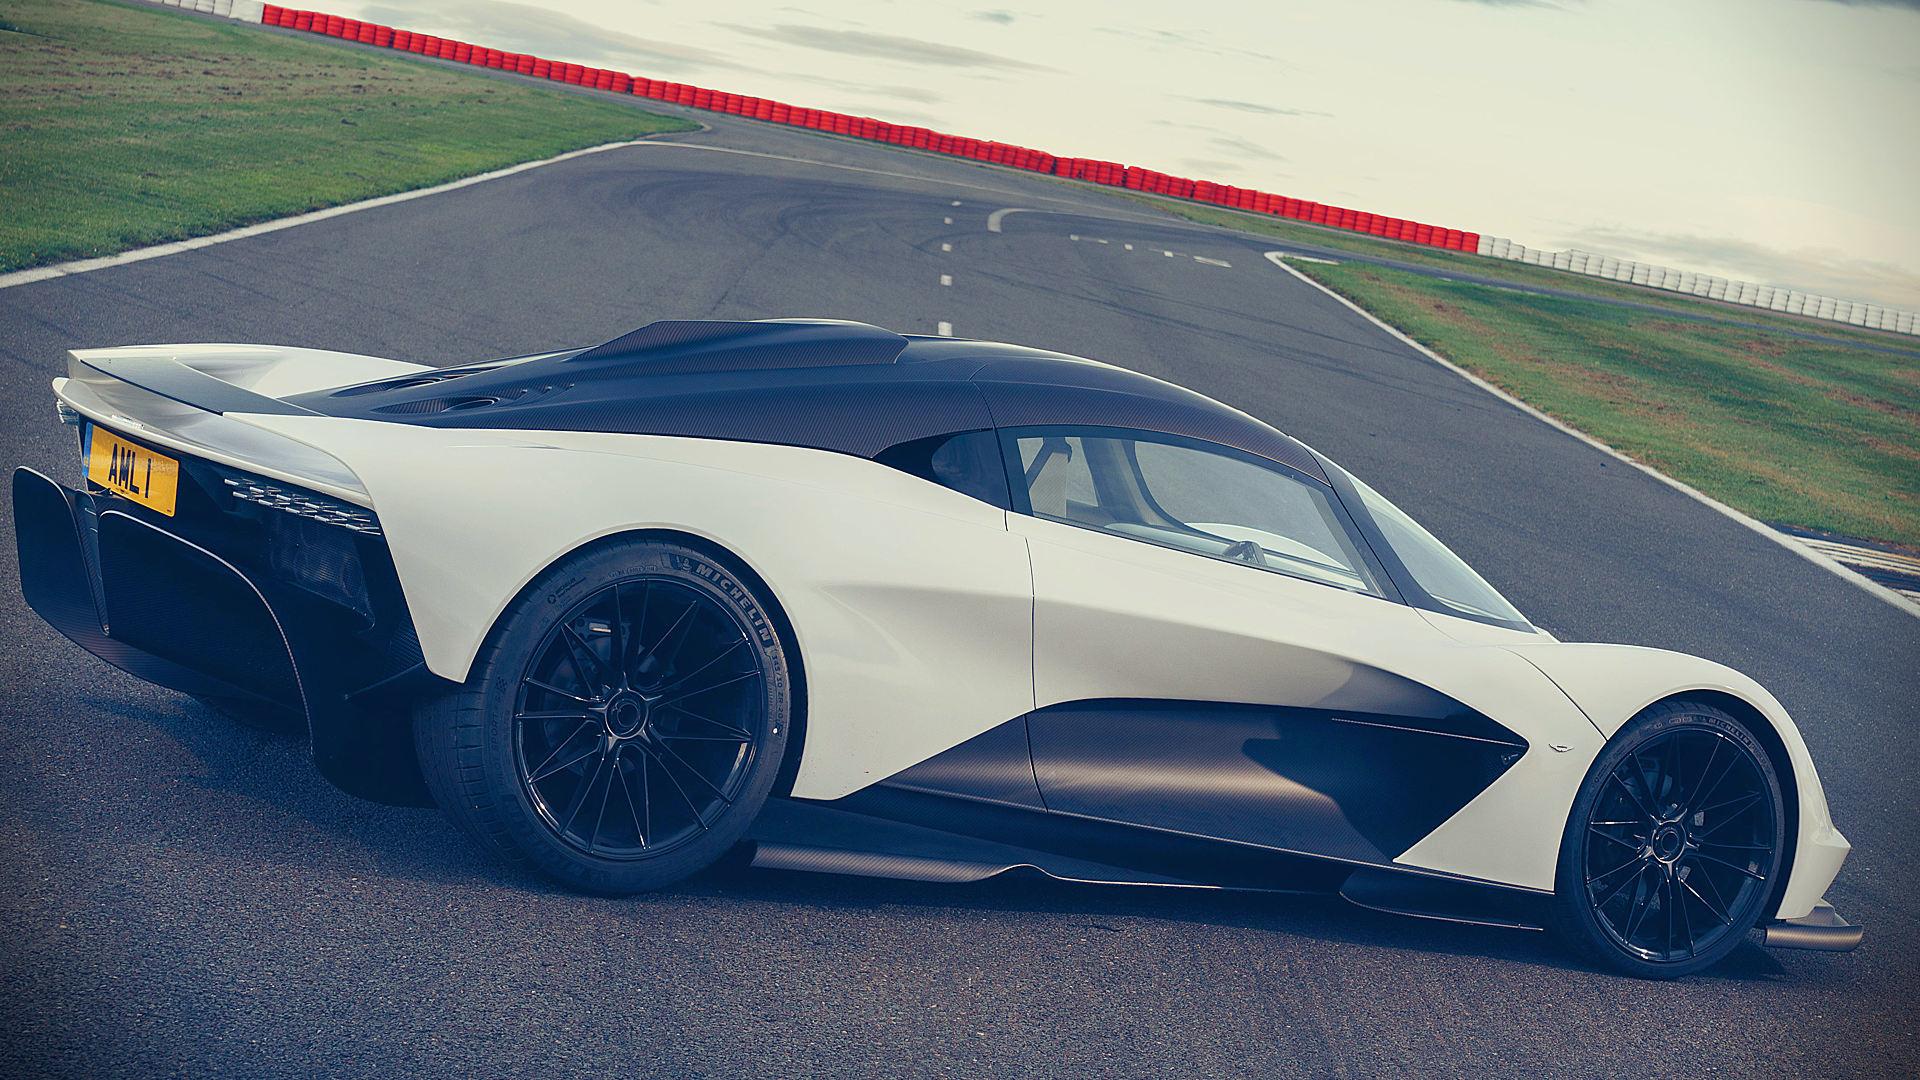 2020 Aston Martin Valhalla